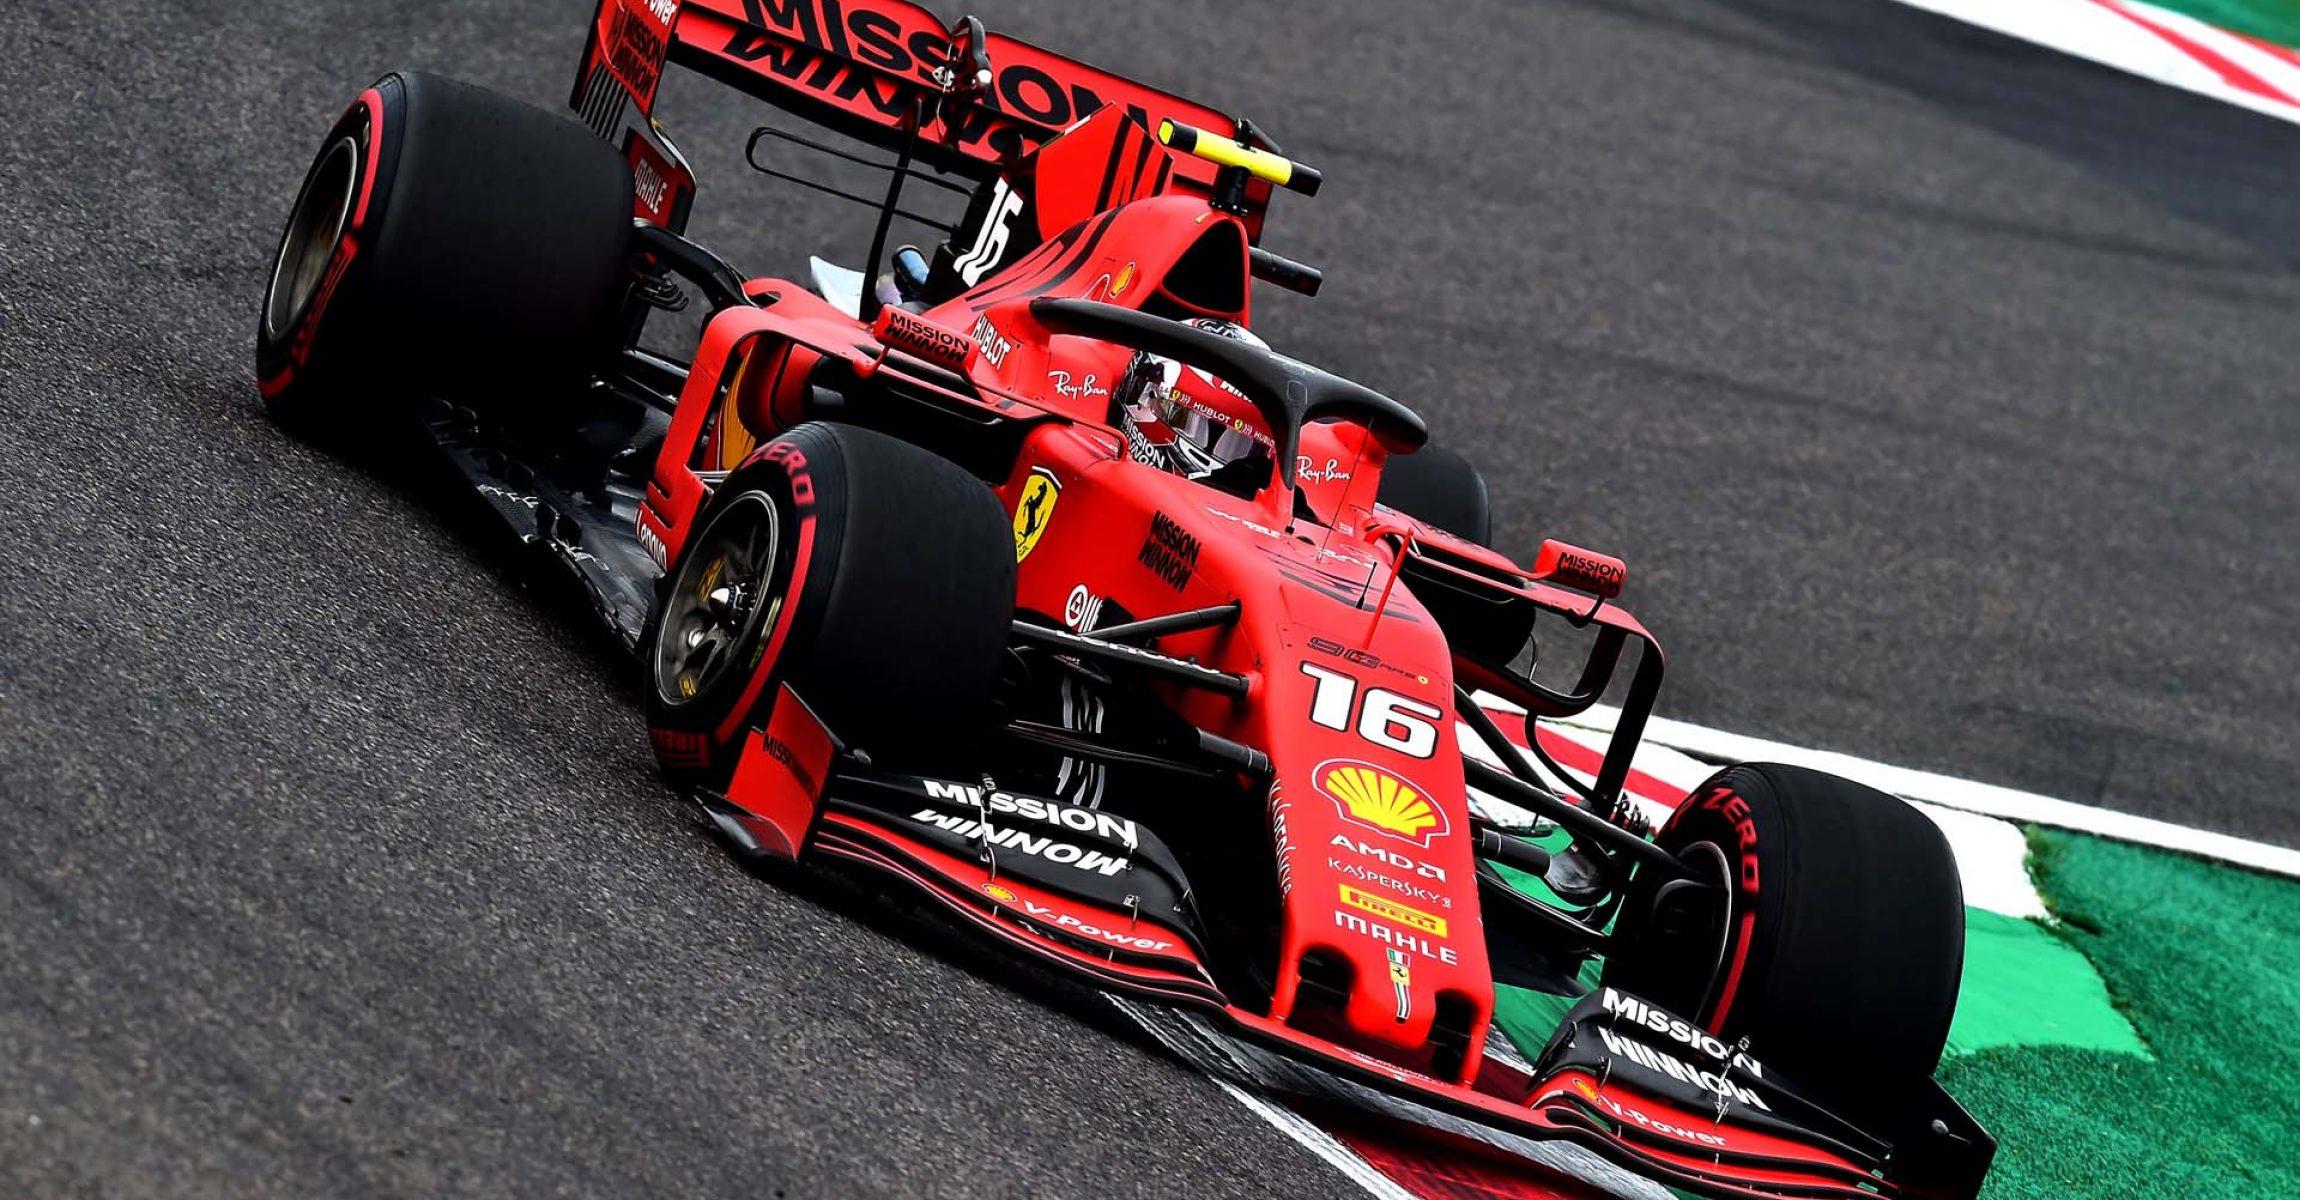 GP GIAPPONE F1/2019 - VENERDÌ 11/10/2019 credit: @Scuderia Charles Leclerc Ferrari Press Office